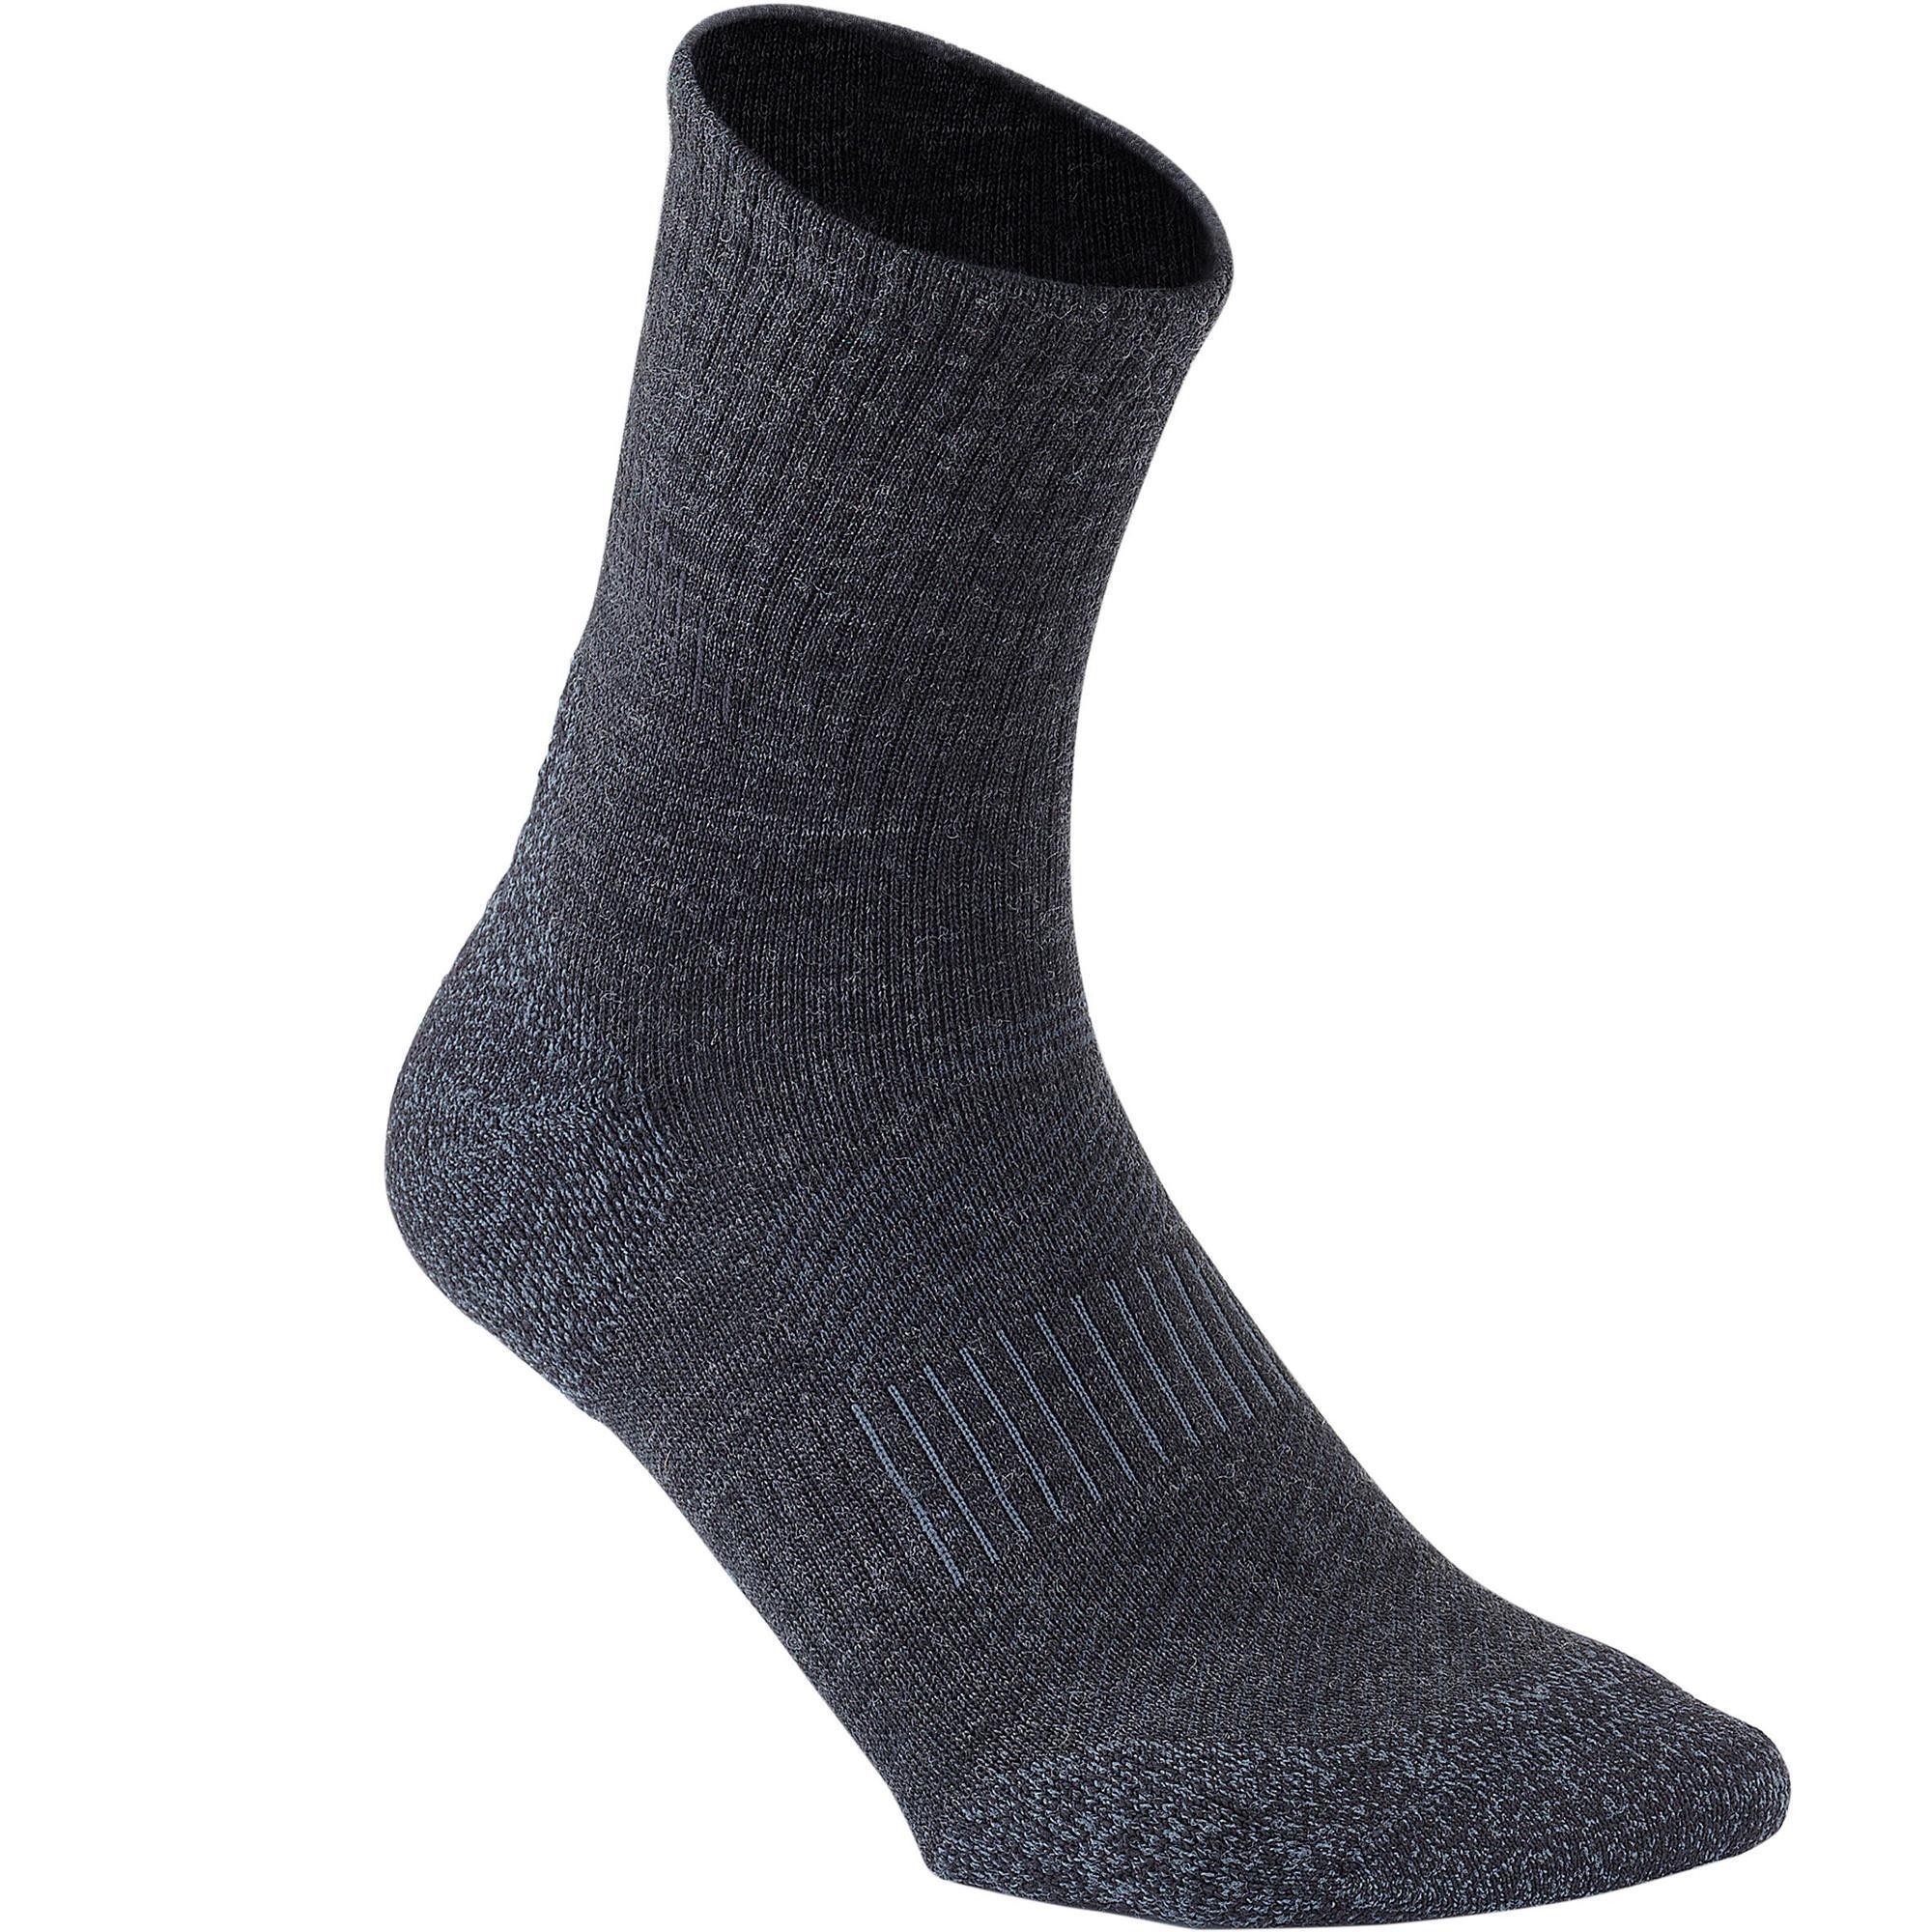 Newfeel Sokken voor sportief wandelen/nordic walking WS 580 Warm zwart kopen